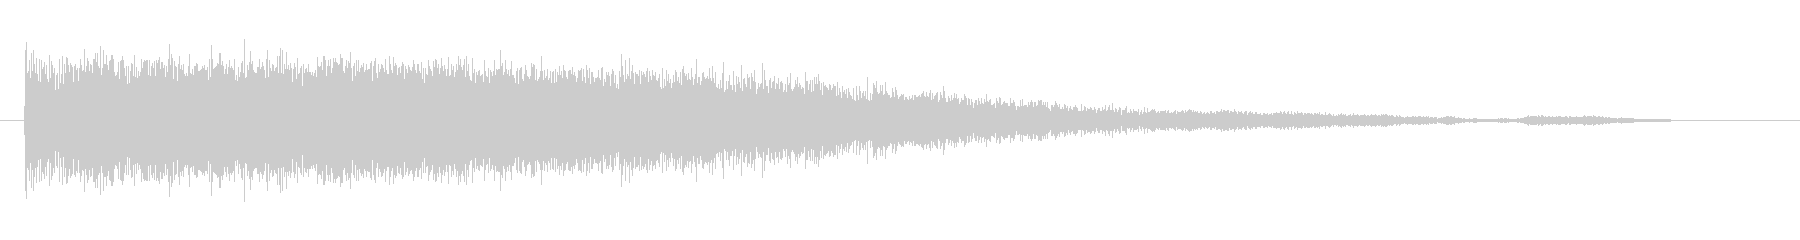 素材 ビットスライスシンセ02の未再生の波形